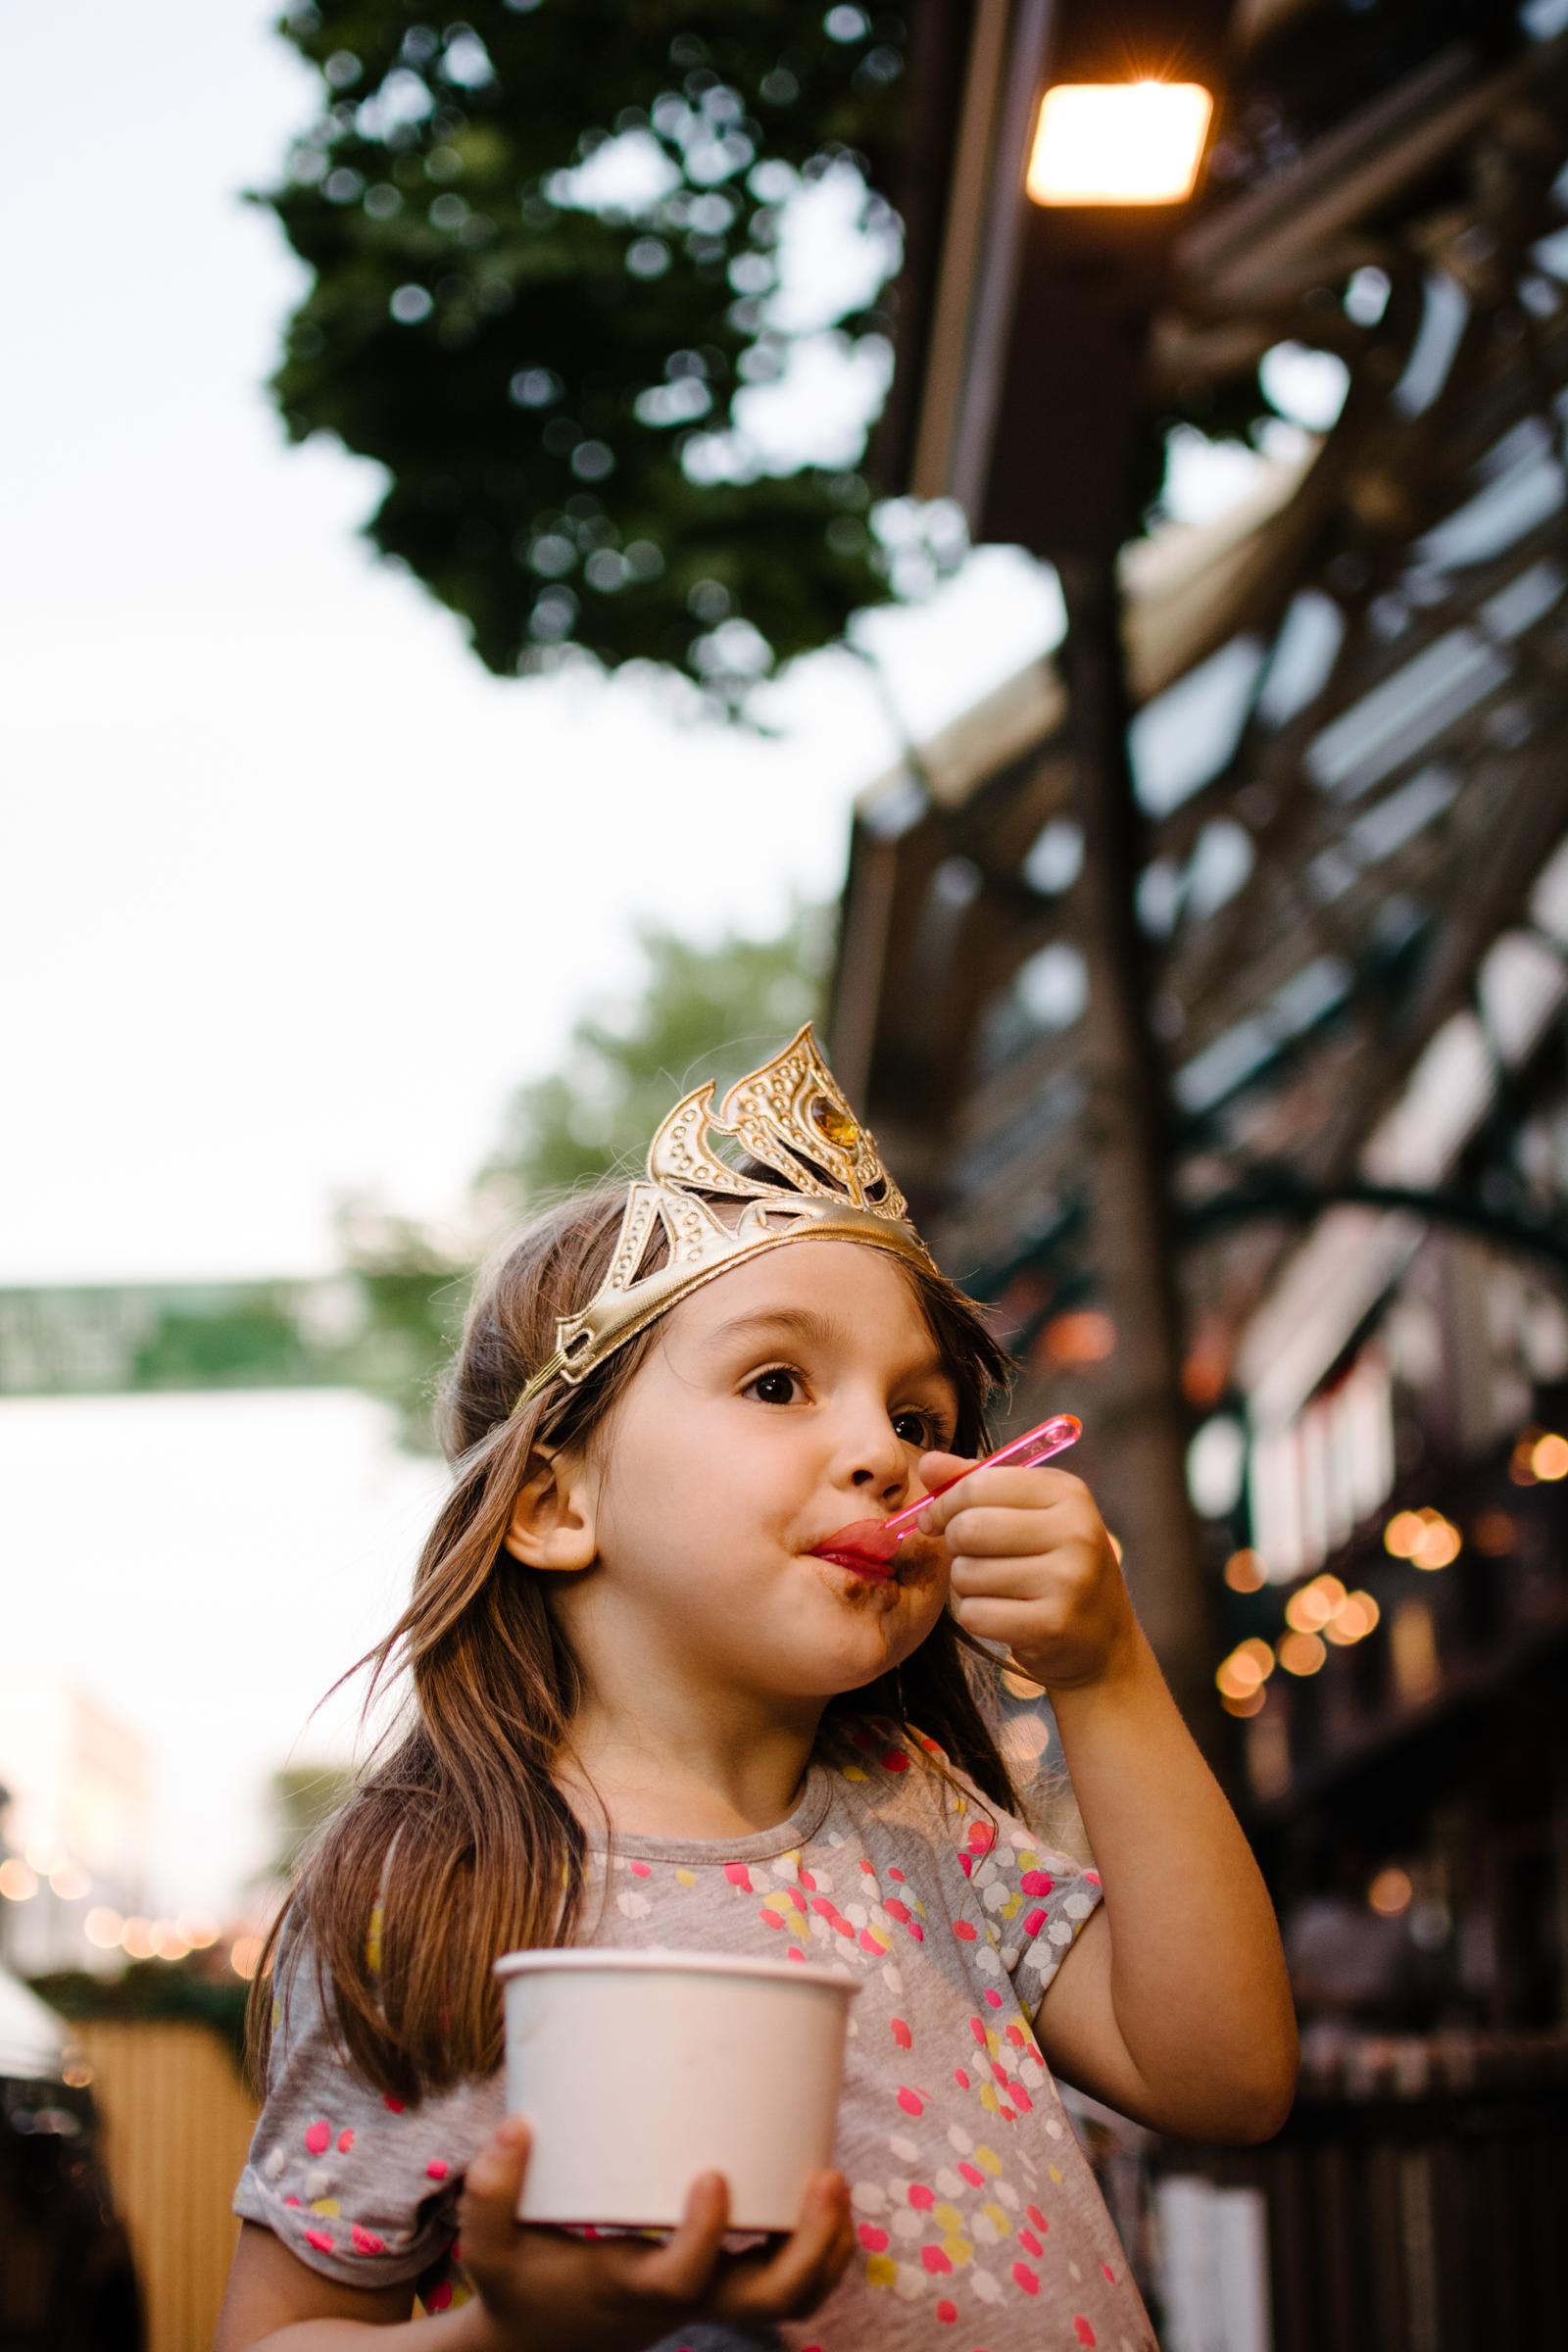 photo-d-une-fillette-couronnee-qui-mange-de-la-gelato-a-sa-fille-photographe-lifestyle-de-famille-a-montreal-marianne-charland-127.jpg